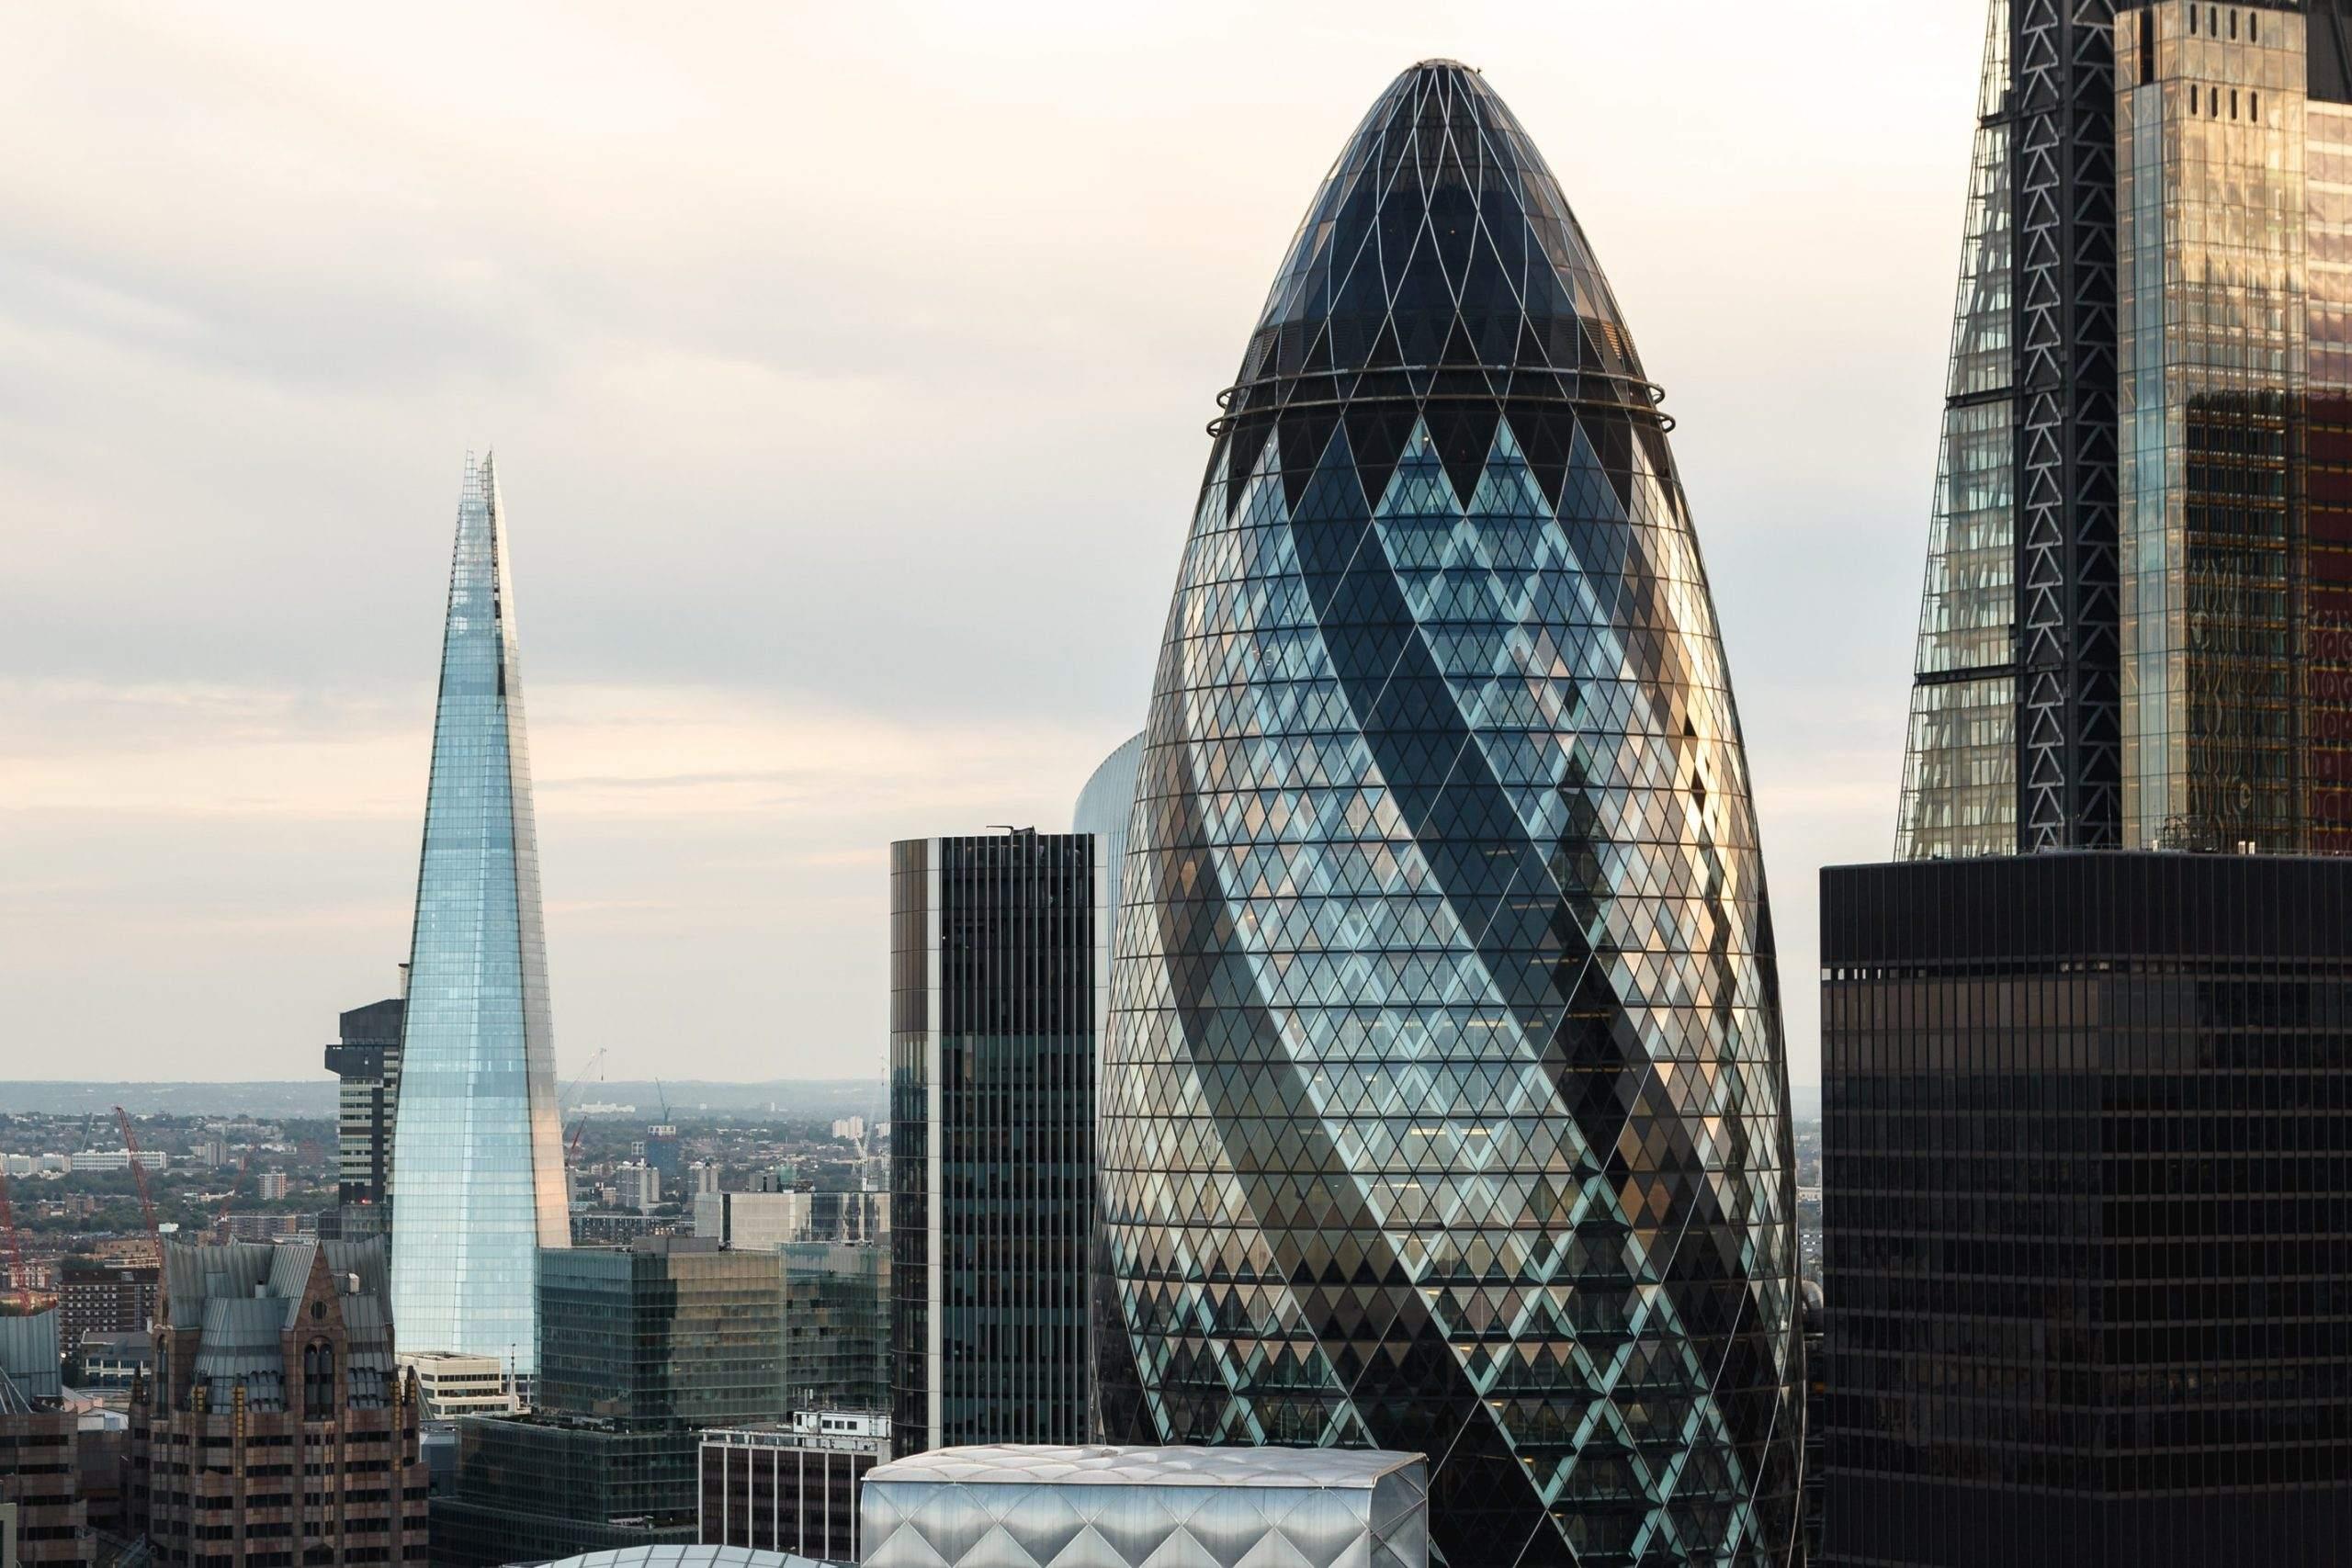 City of London - Notenbanken schuld an Gigantomanie